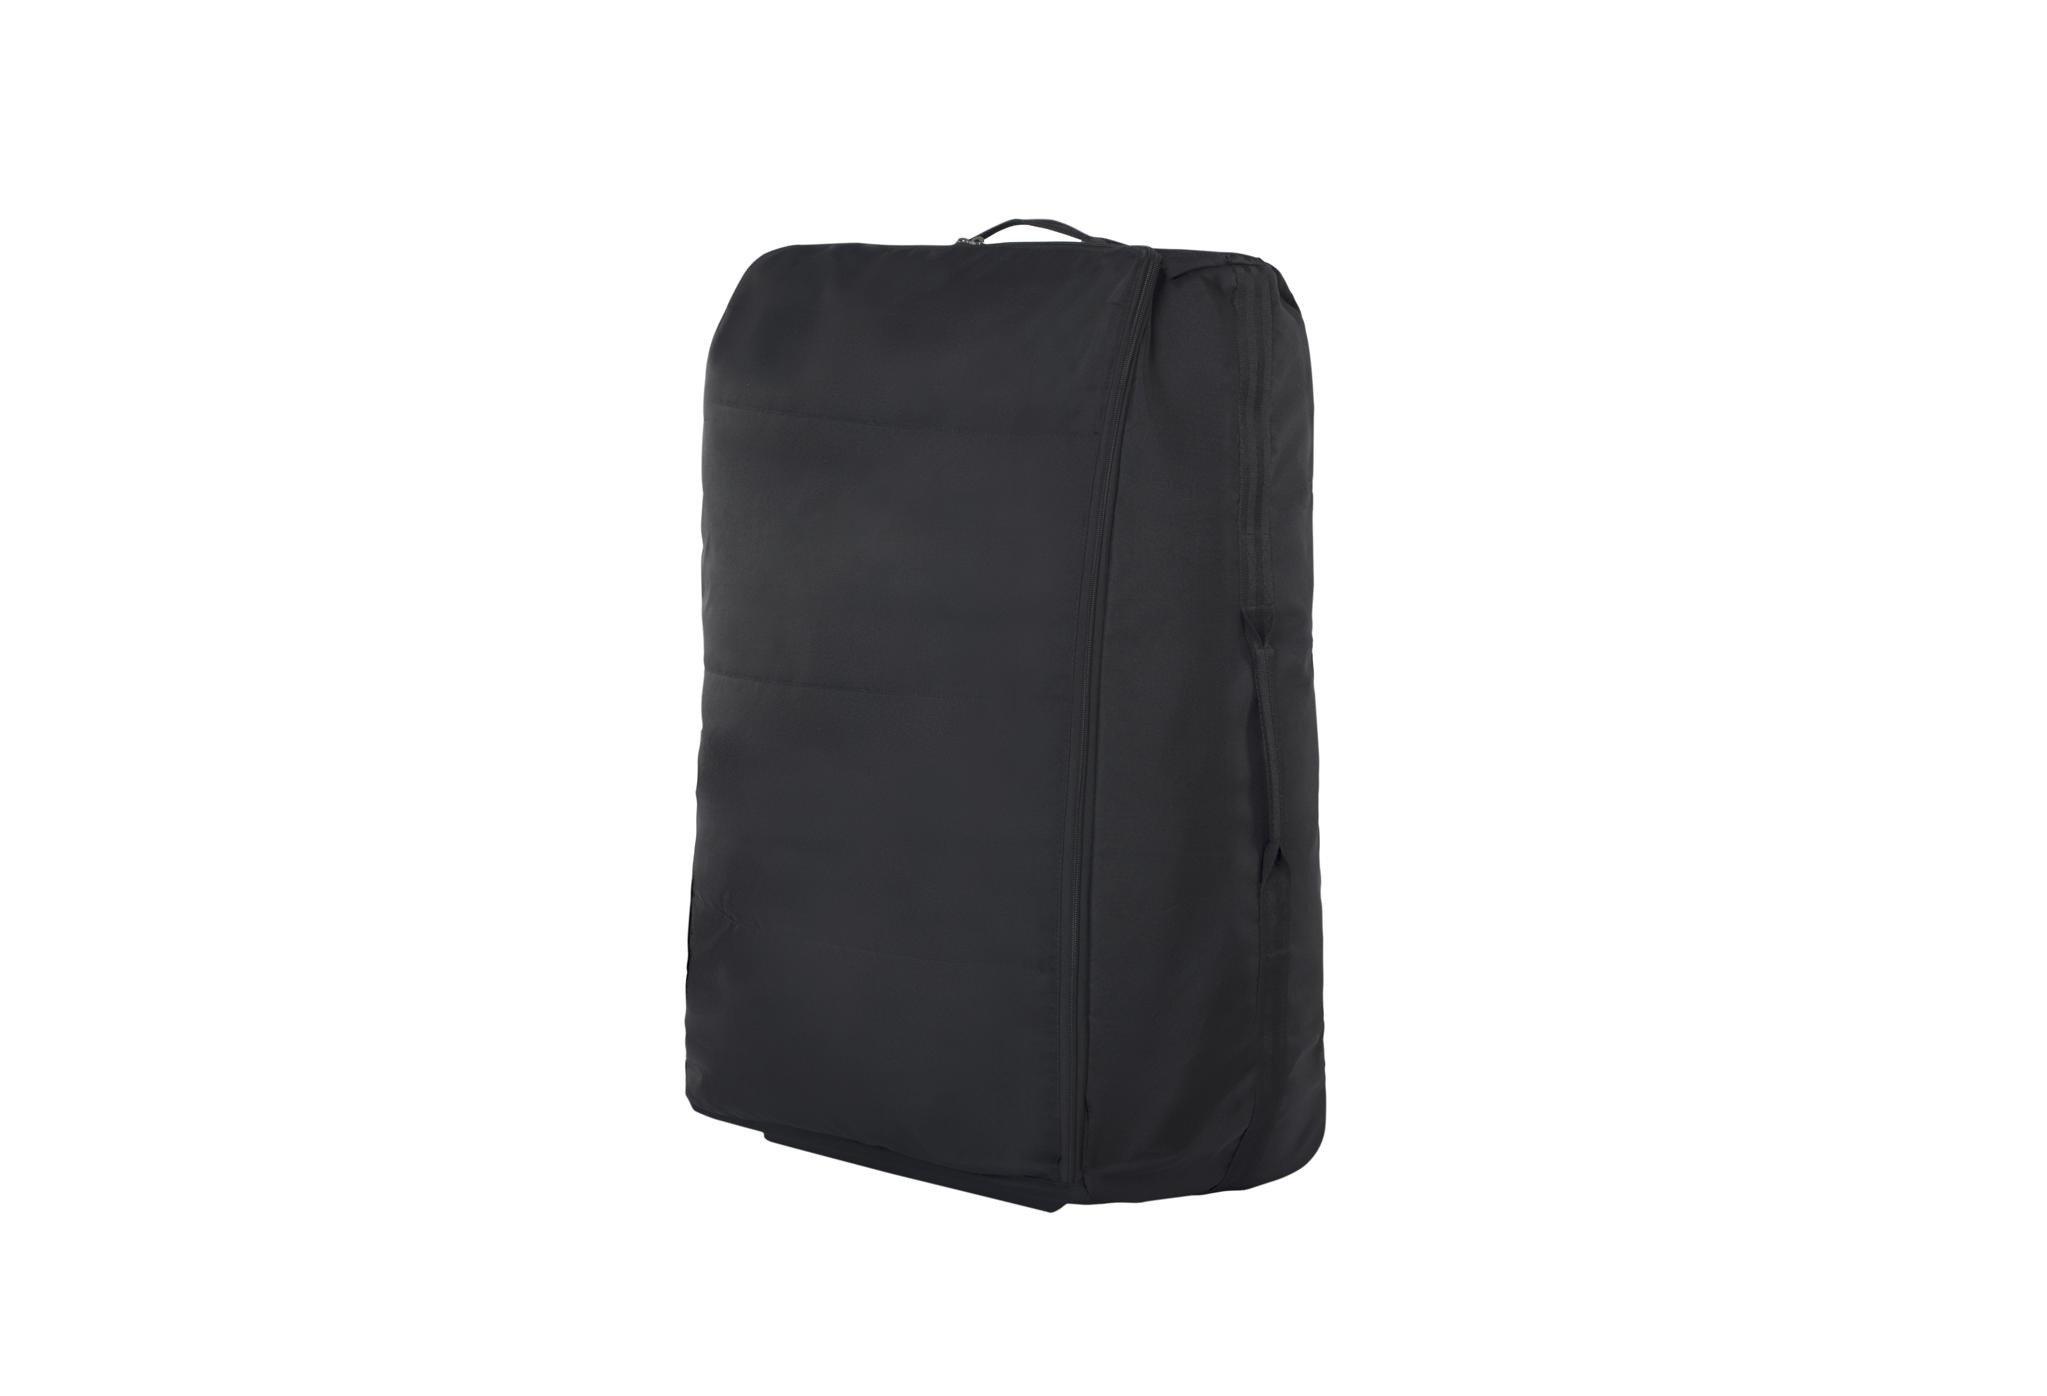 Thule Sleek - torba podróżna na wózek